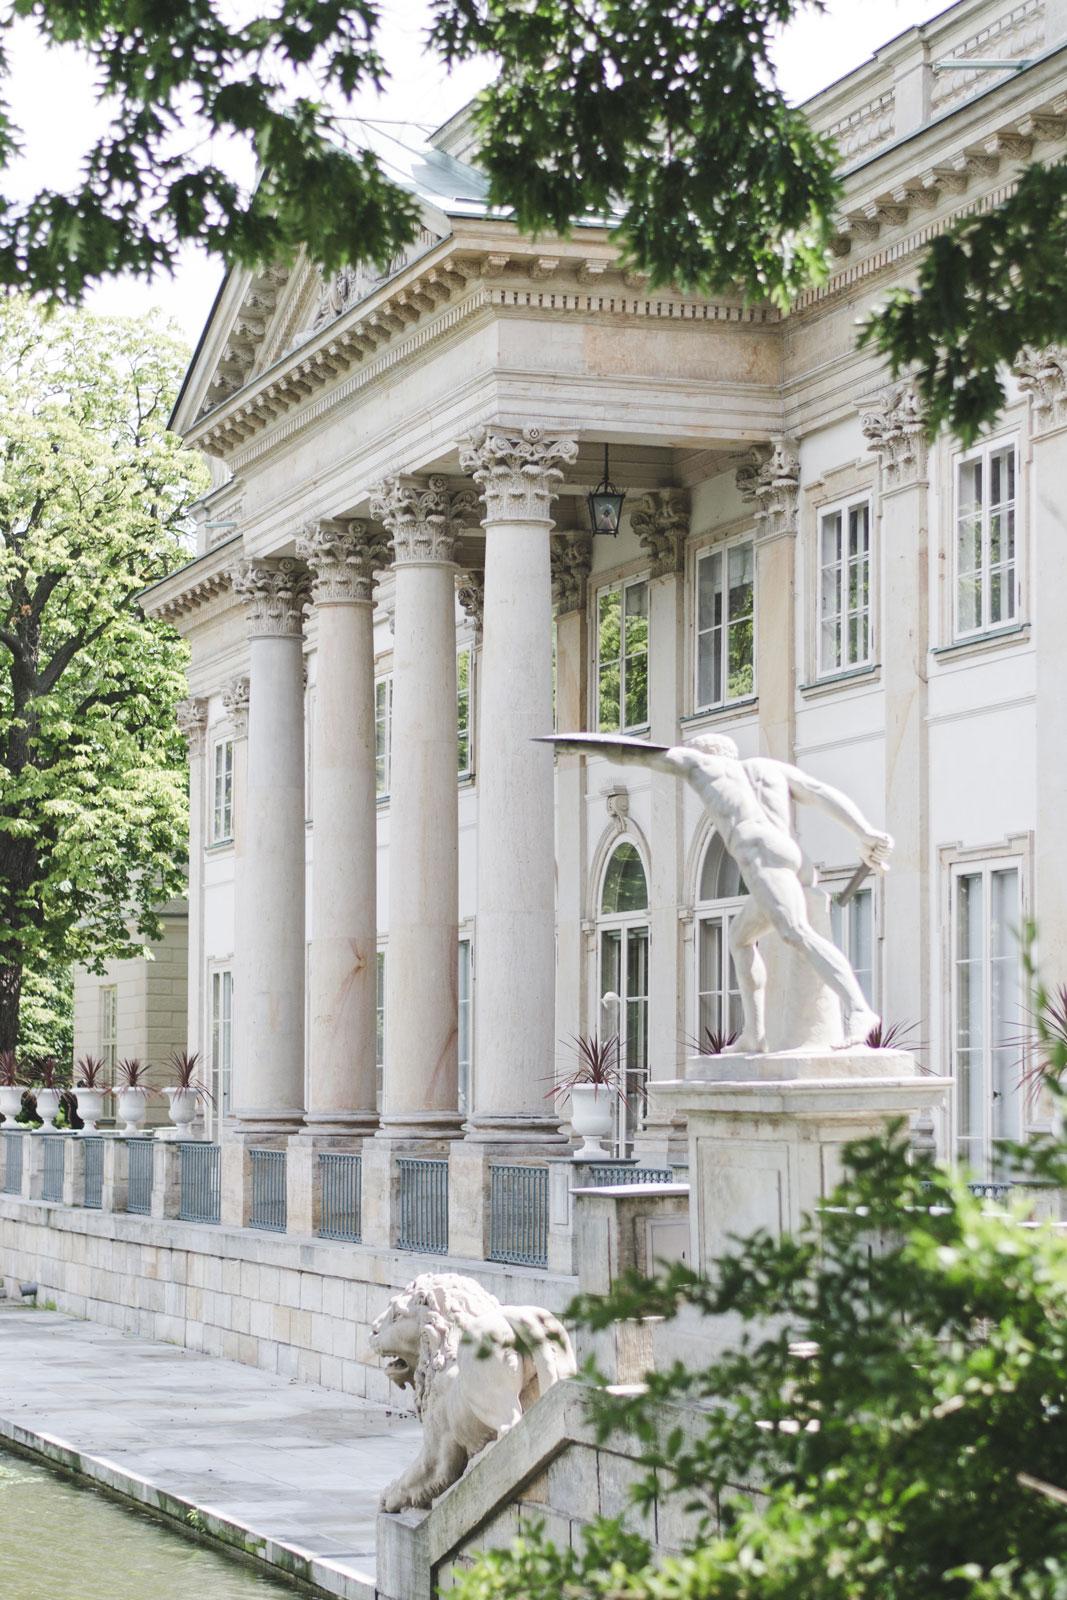 Palace-on-the-Isle-Lazienki-Warsaw